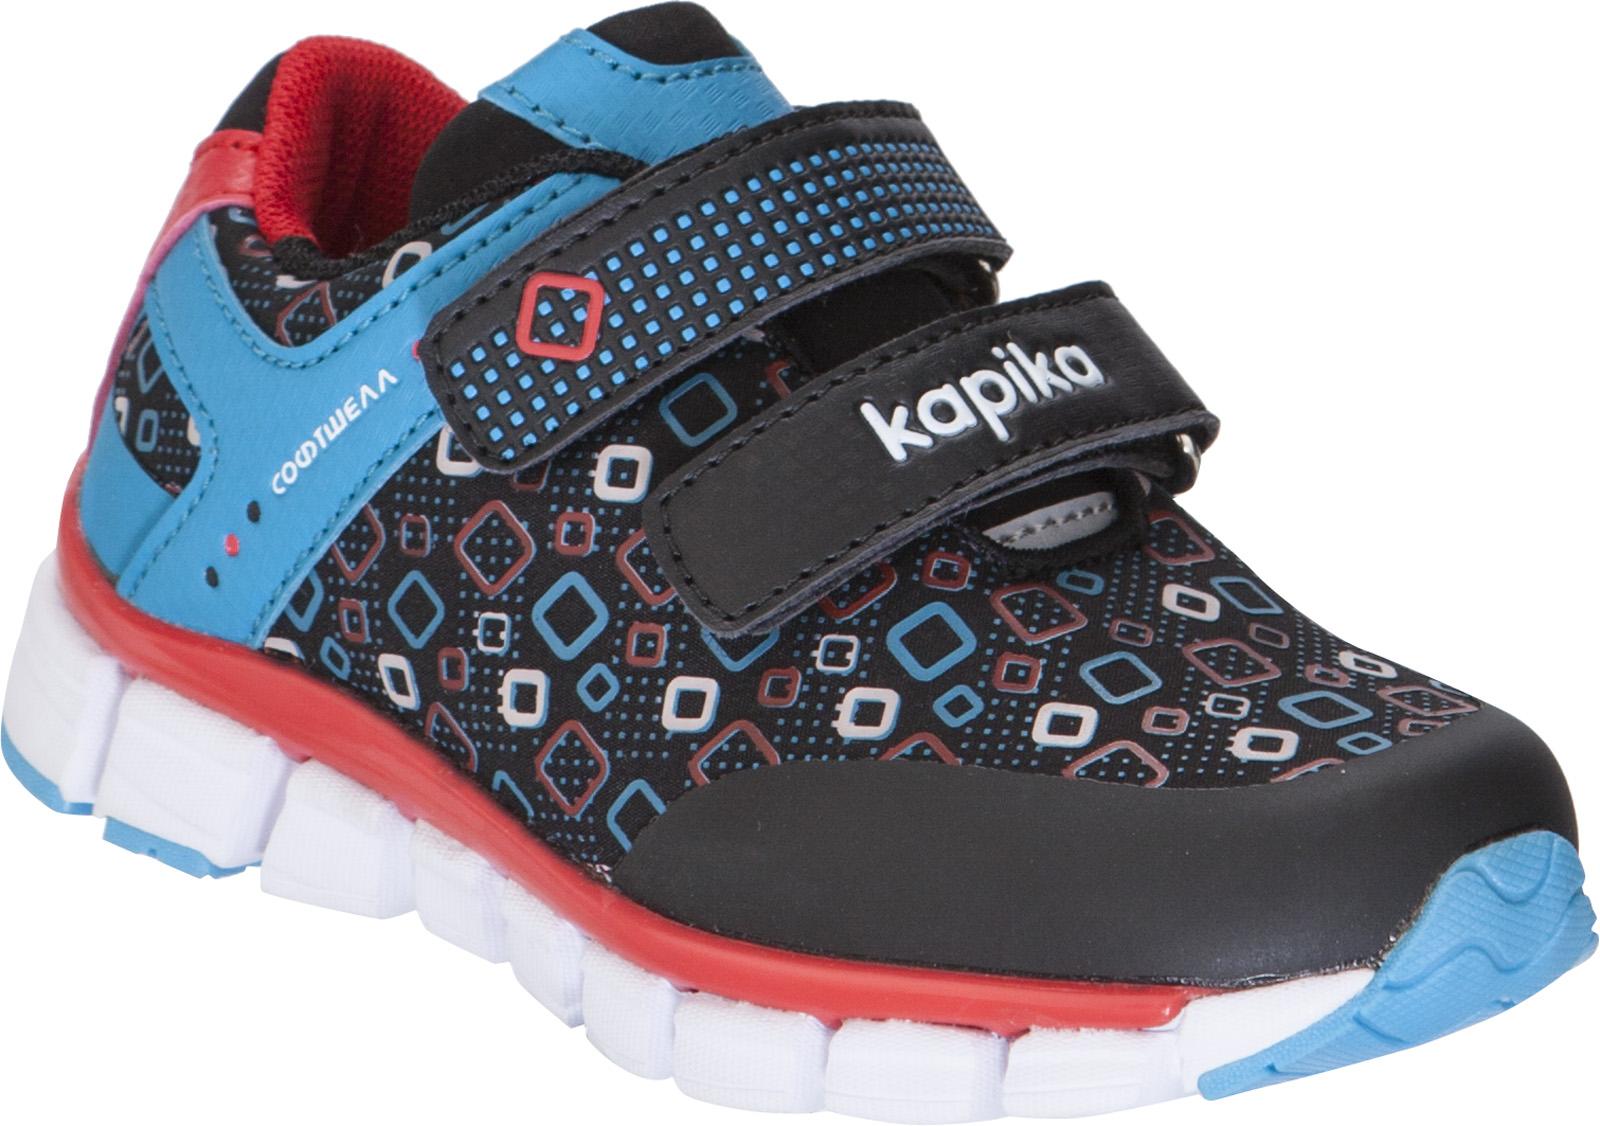 Кроссовки для мальчика Kapika, цвет: черный. 72253с-1. Размер 2872253с-1Детские кроссовки изготовлены из качественной искусственной кожи и текстиля. Ремешки с липучками надежно зафиксируют модель на ноге. Подошва из прочного полимера дополнена рифлением. Внутренняя поверхность и стелька из текстиля комфортны при движении. Кроссовки займут достойное место в гардеробе и подарят комфорт.